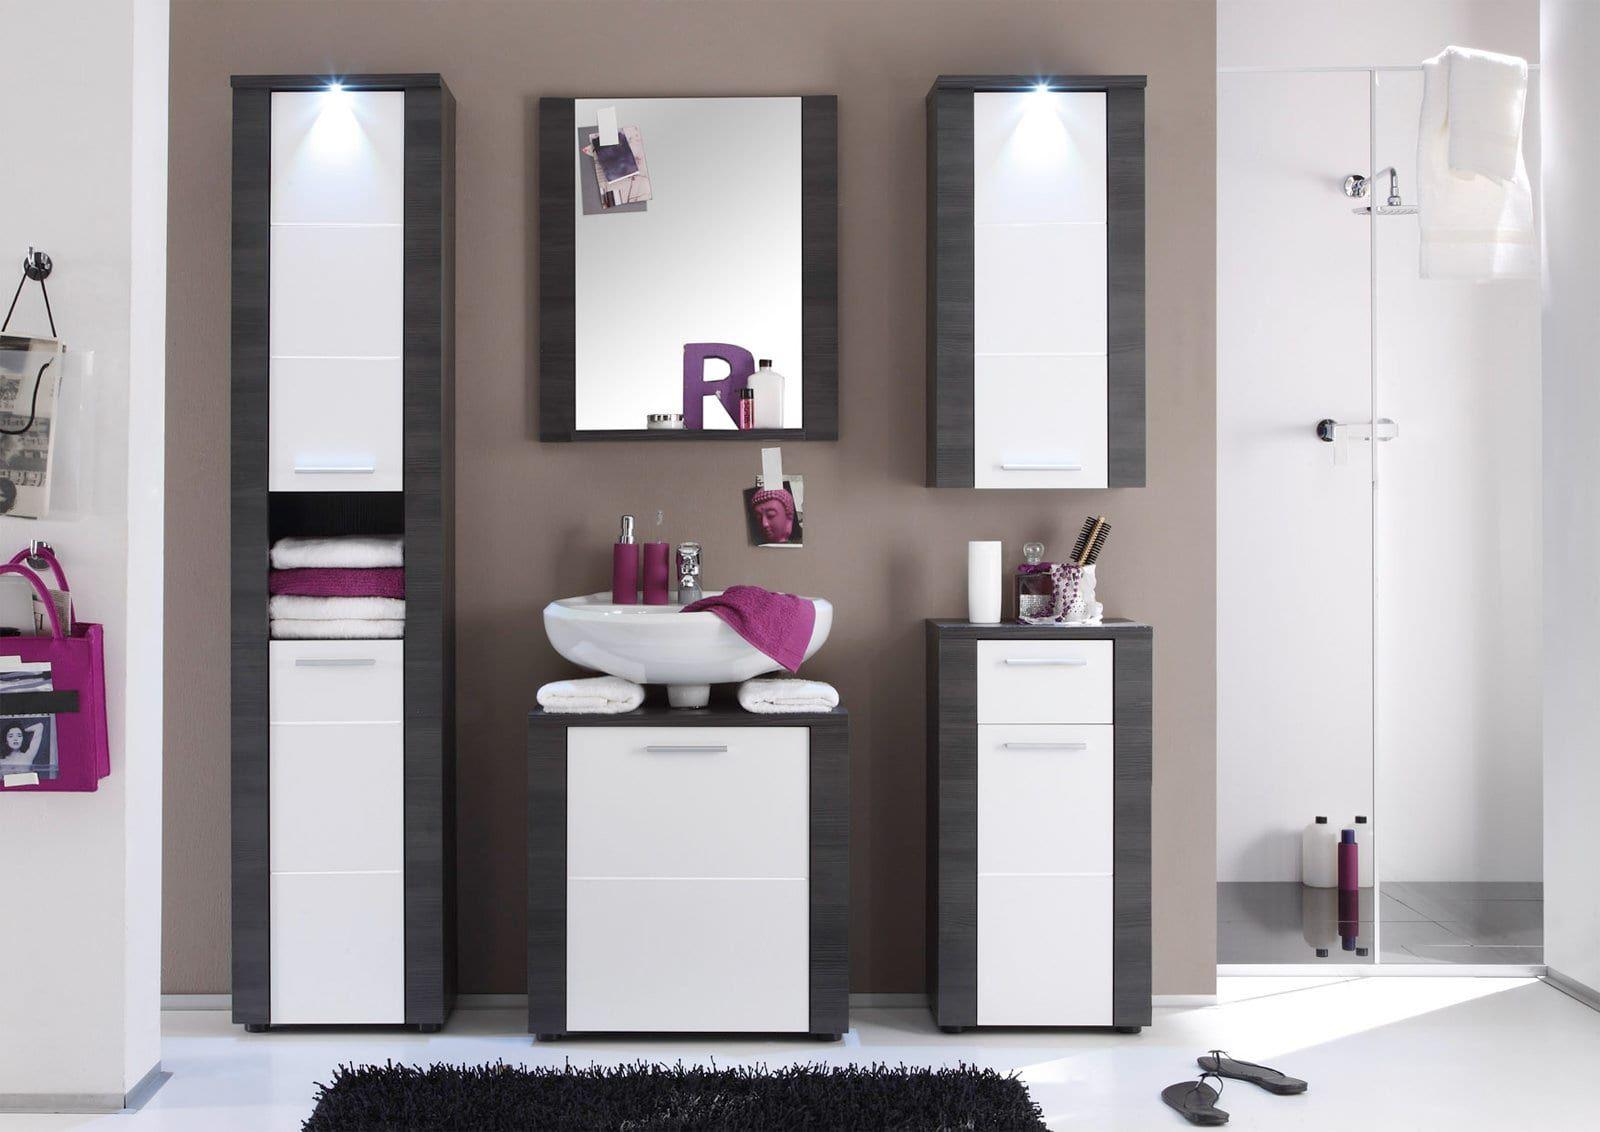 Pin Von Mobel Roller Auf Wellness Badezimmer Klassische Badmobel Badezimmer Innenausstattung Badezimmer